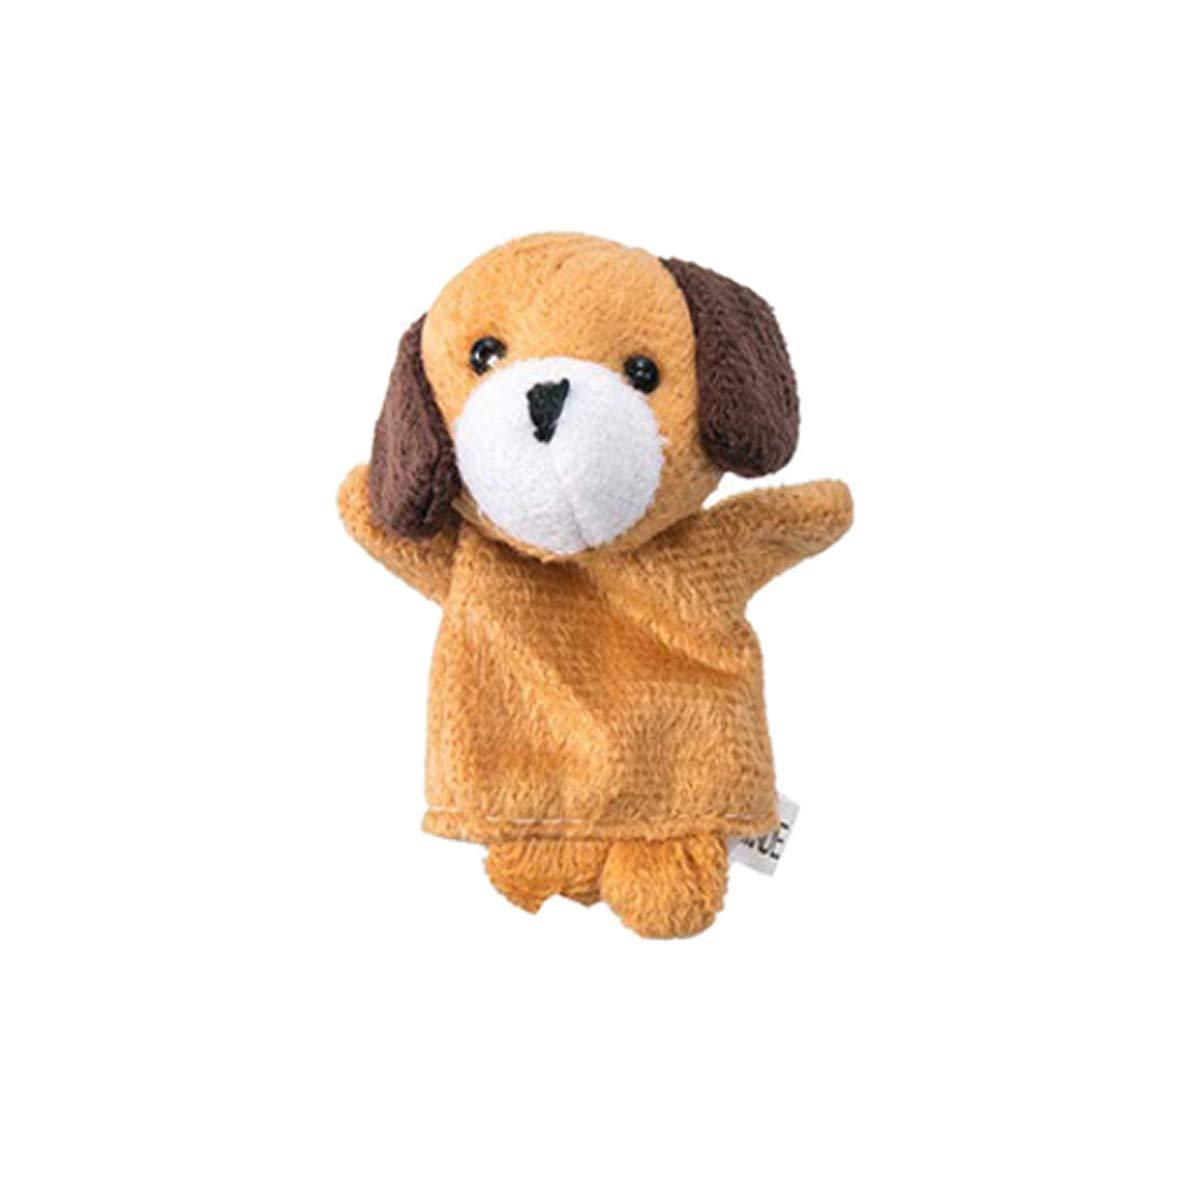 Mengger Burattini a Dito Animali Persone Didattica Giocattolo 12 Pezzi Set Diverso Cartoon Animale Morbido Velluto Bambole Props Giocattoli Impostato Regalo di Natale per Bambini Marionette da Dita